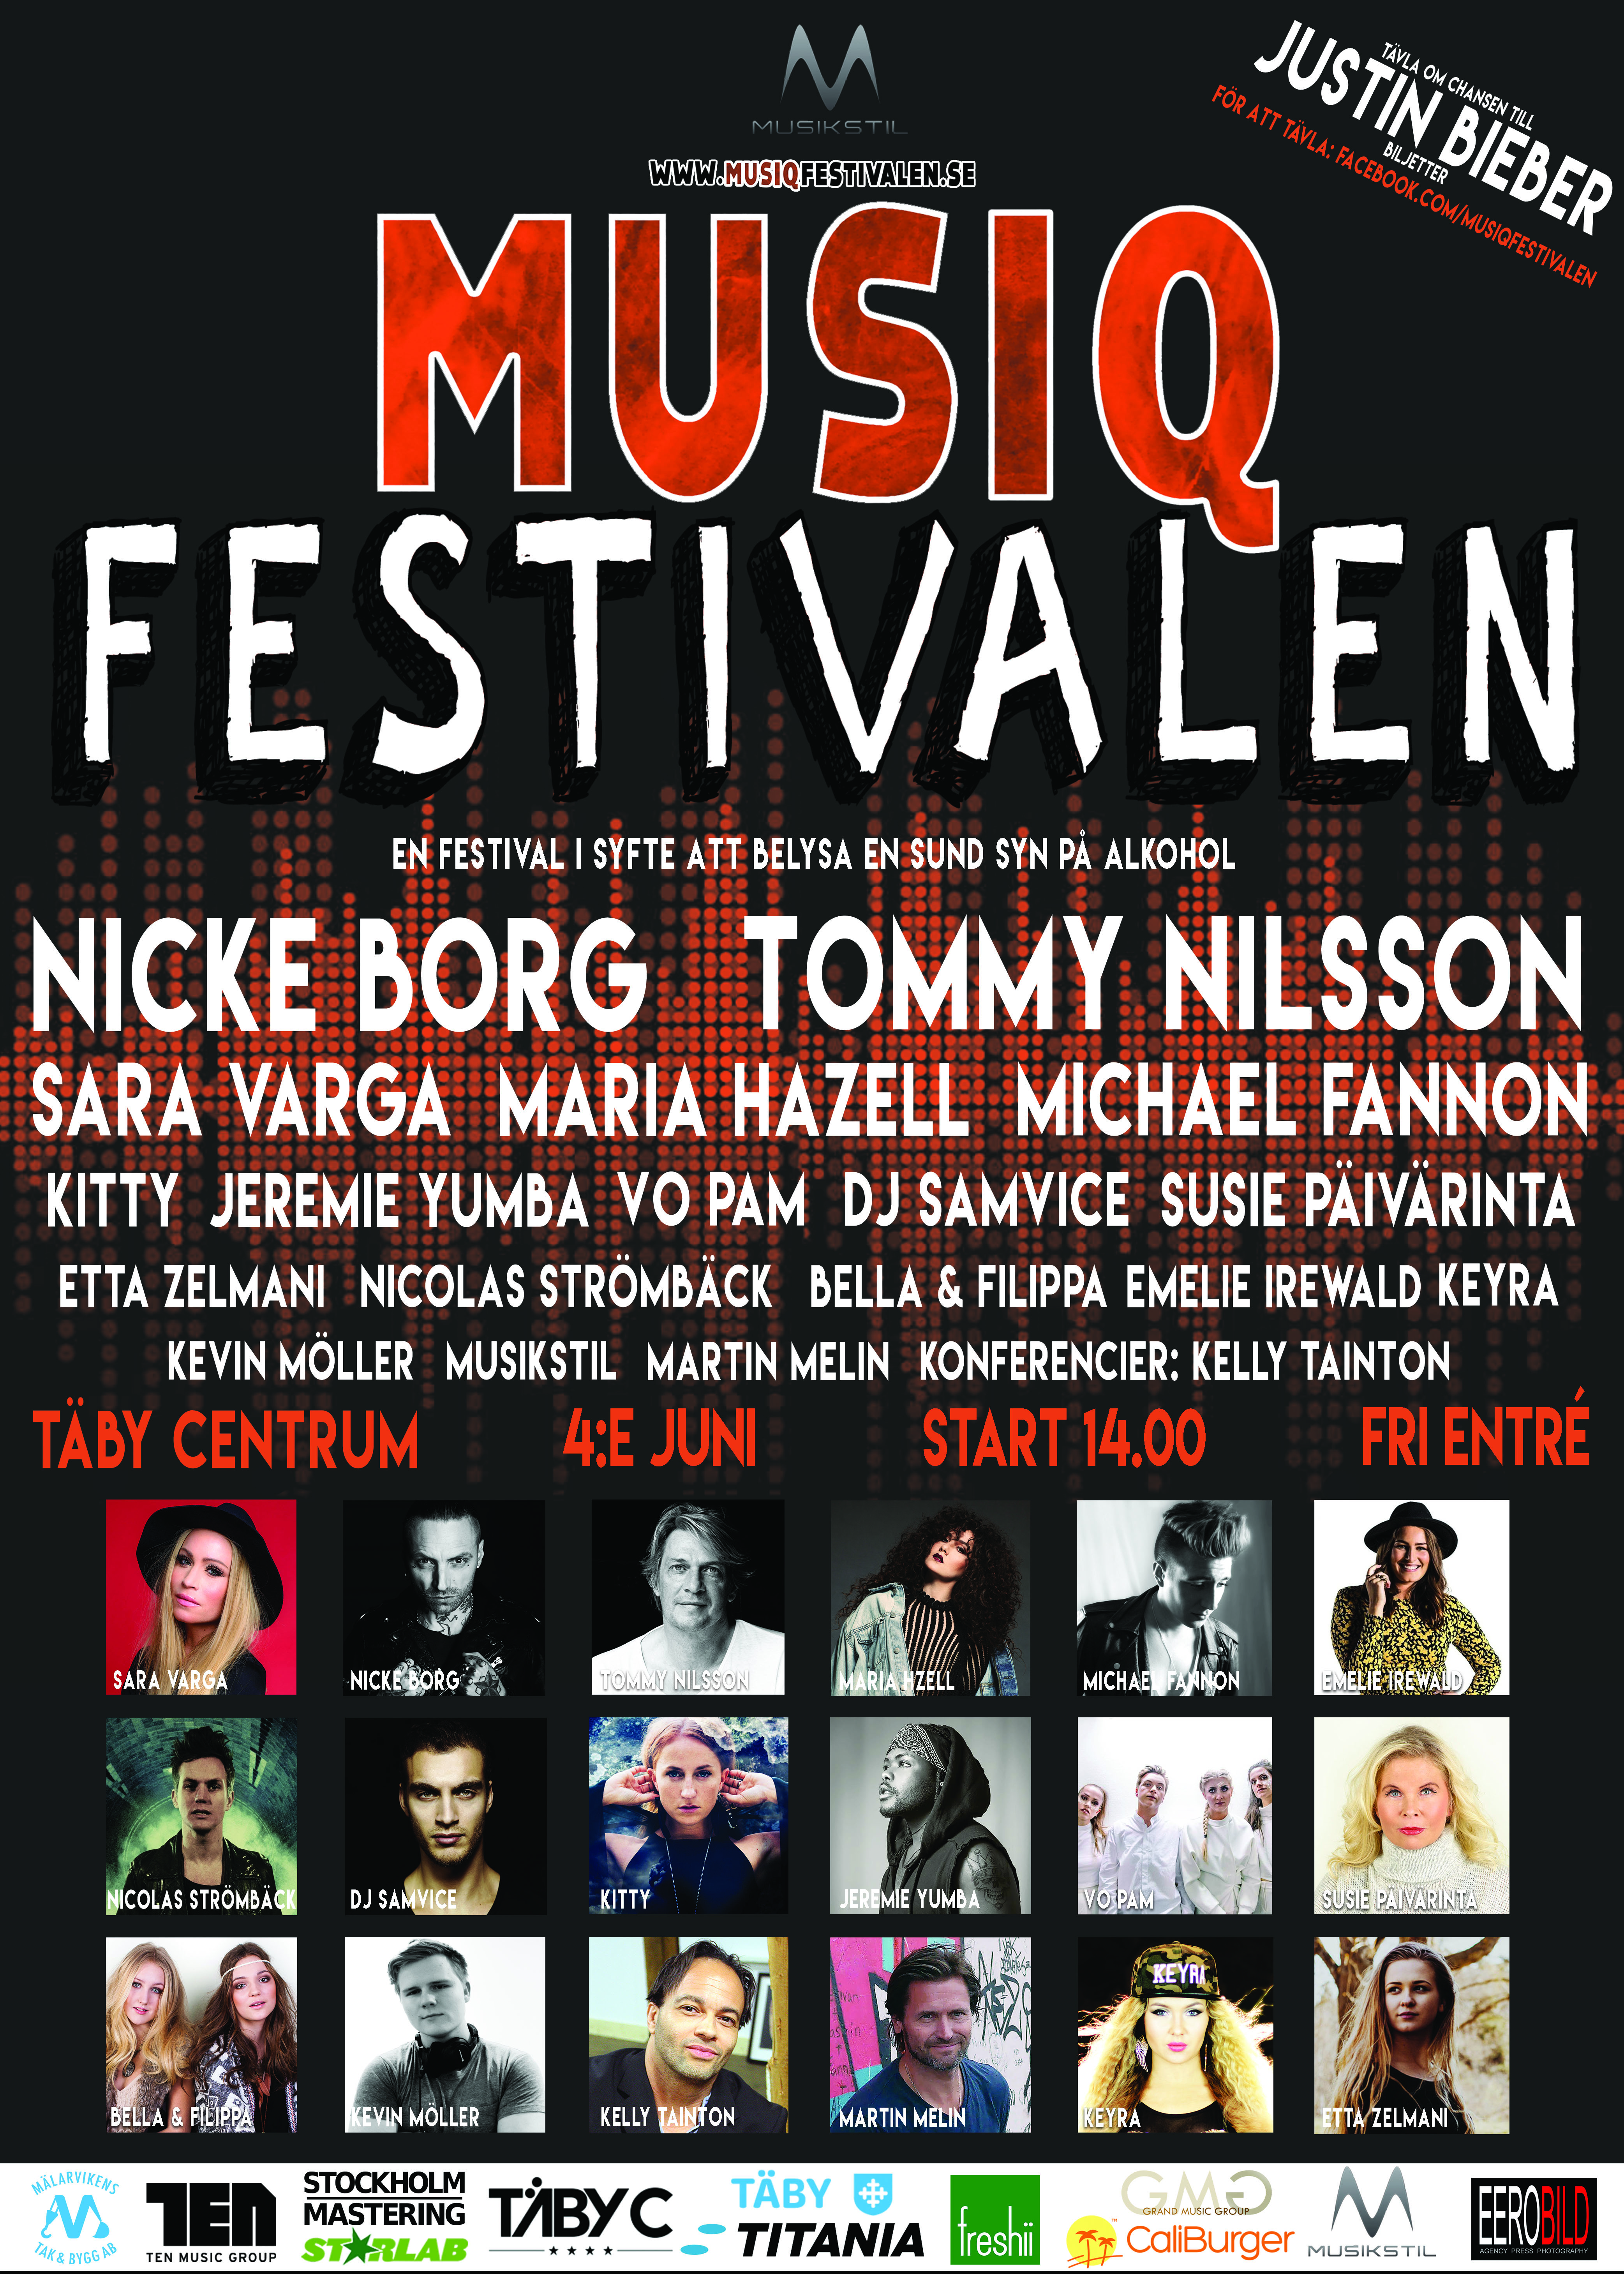 Musiqfestivalen POSTER